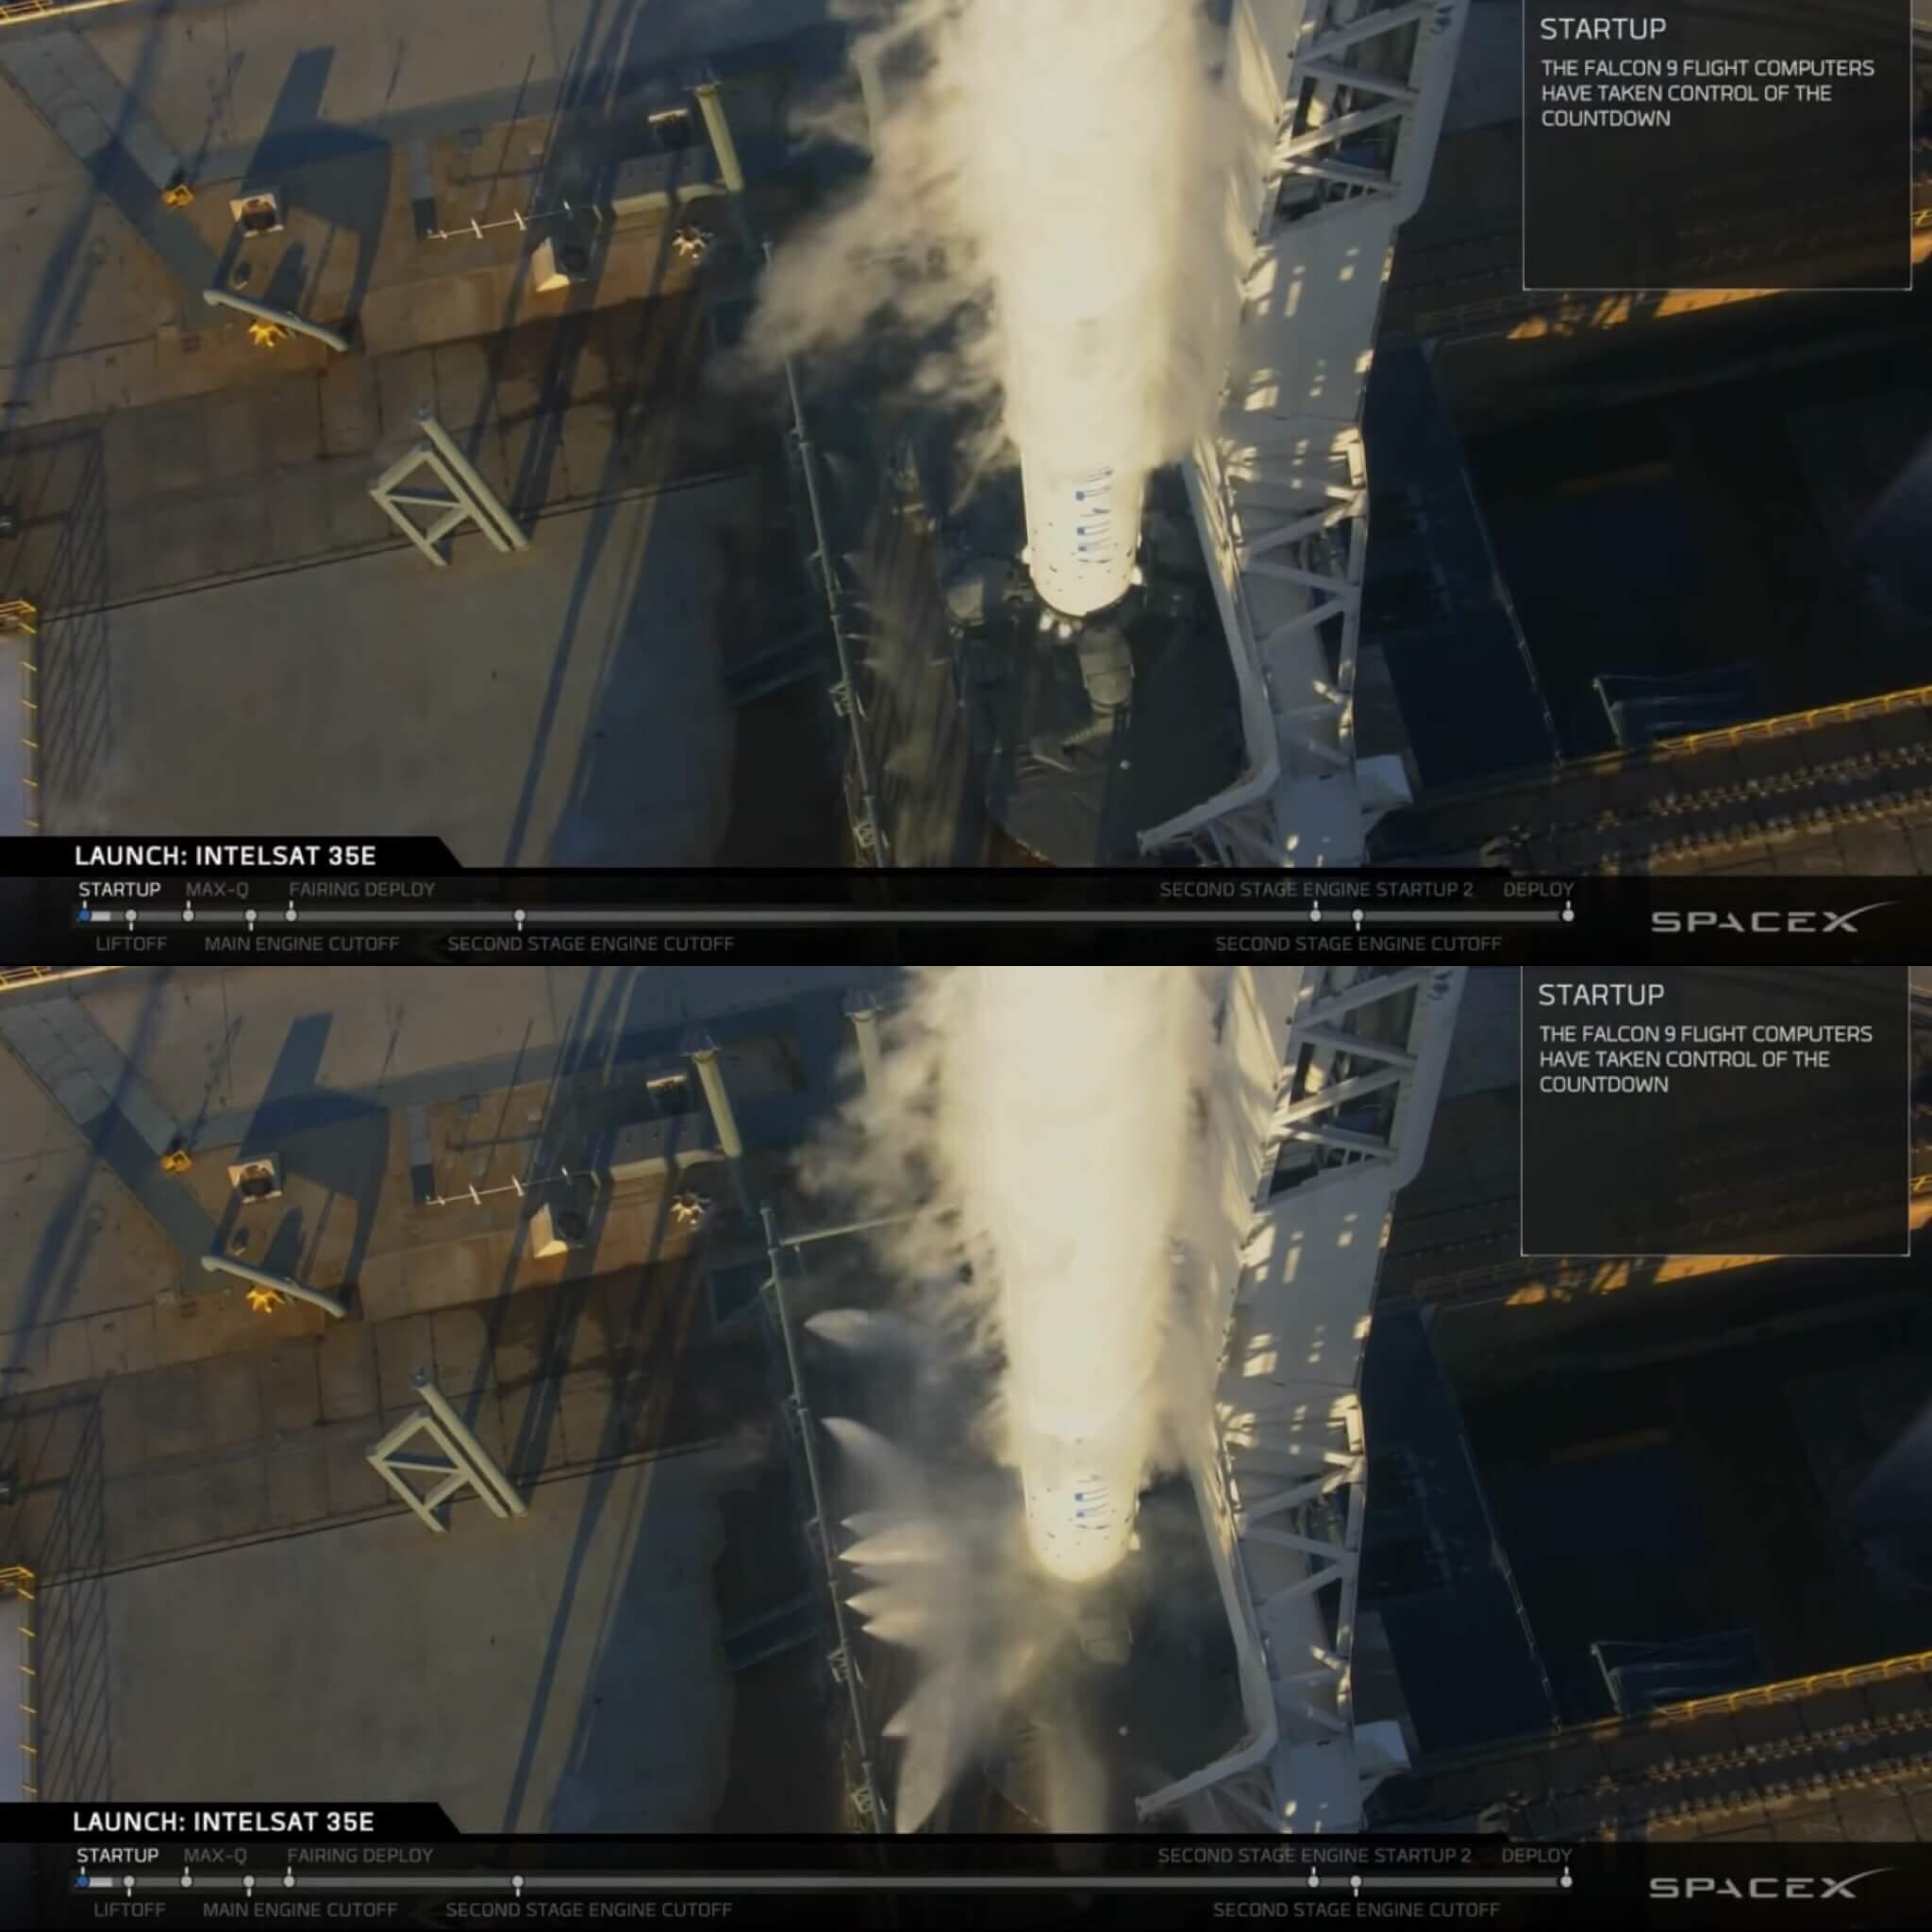 Duas imagens de um foguete Falcon 9, mostrando os jatos de água na base antes e depois de serem acionados.